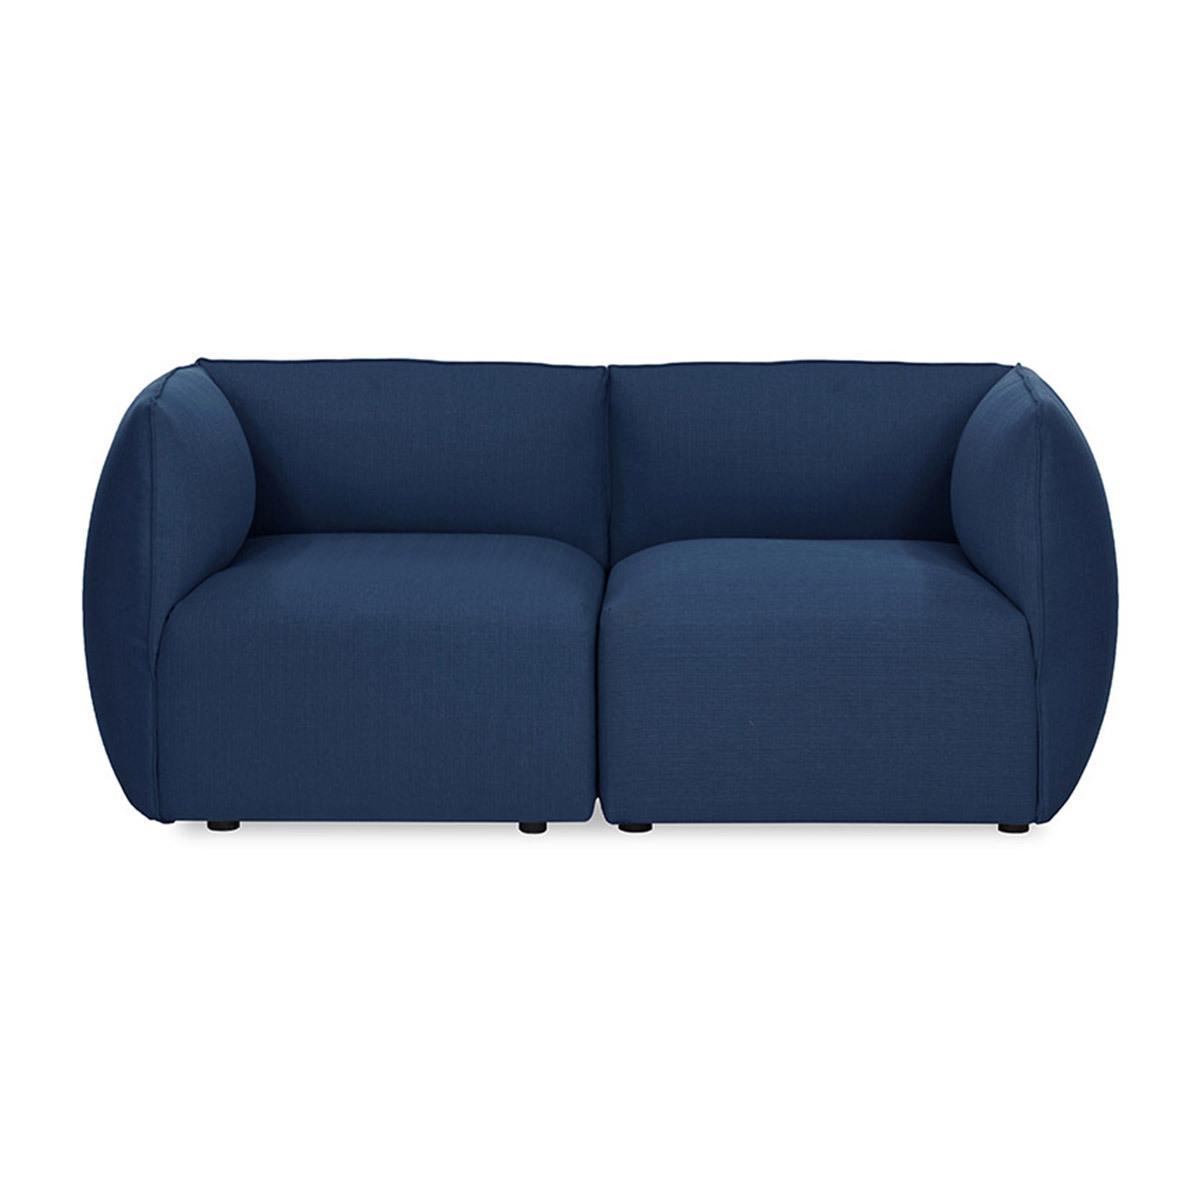 Divano design modulabile Blu scuro 2 posti MODULO